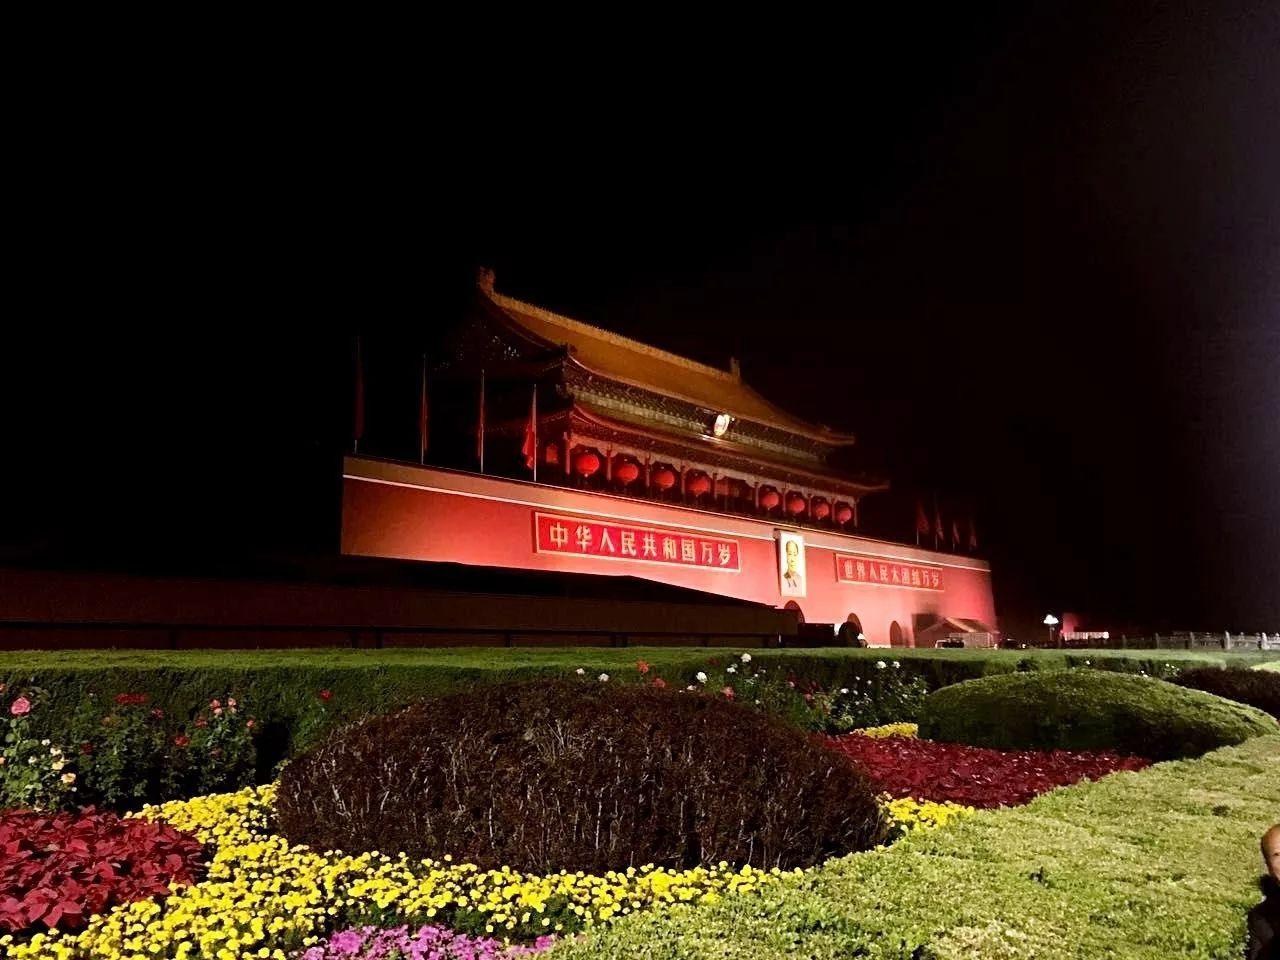 教育 正文  地点:天安门  拍摄:魏田军 天安门城楼悬挂上了红彤彤的